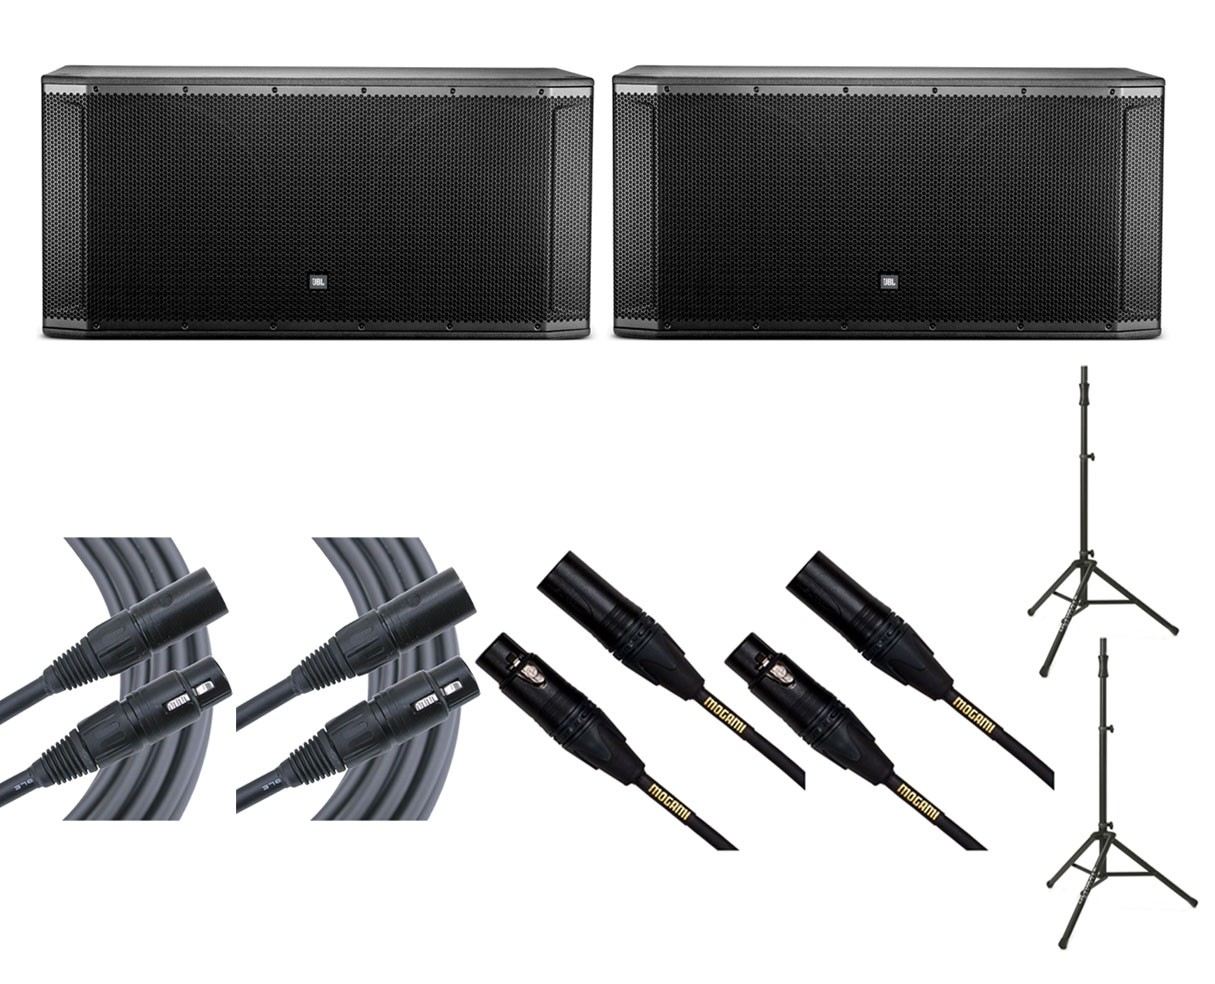 2x JBL SRX828SP + Ultimate TS-100B + Mogami Cables